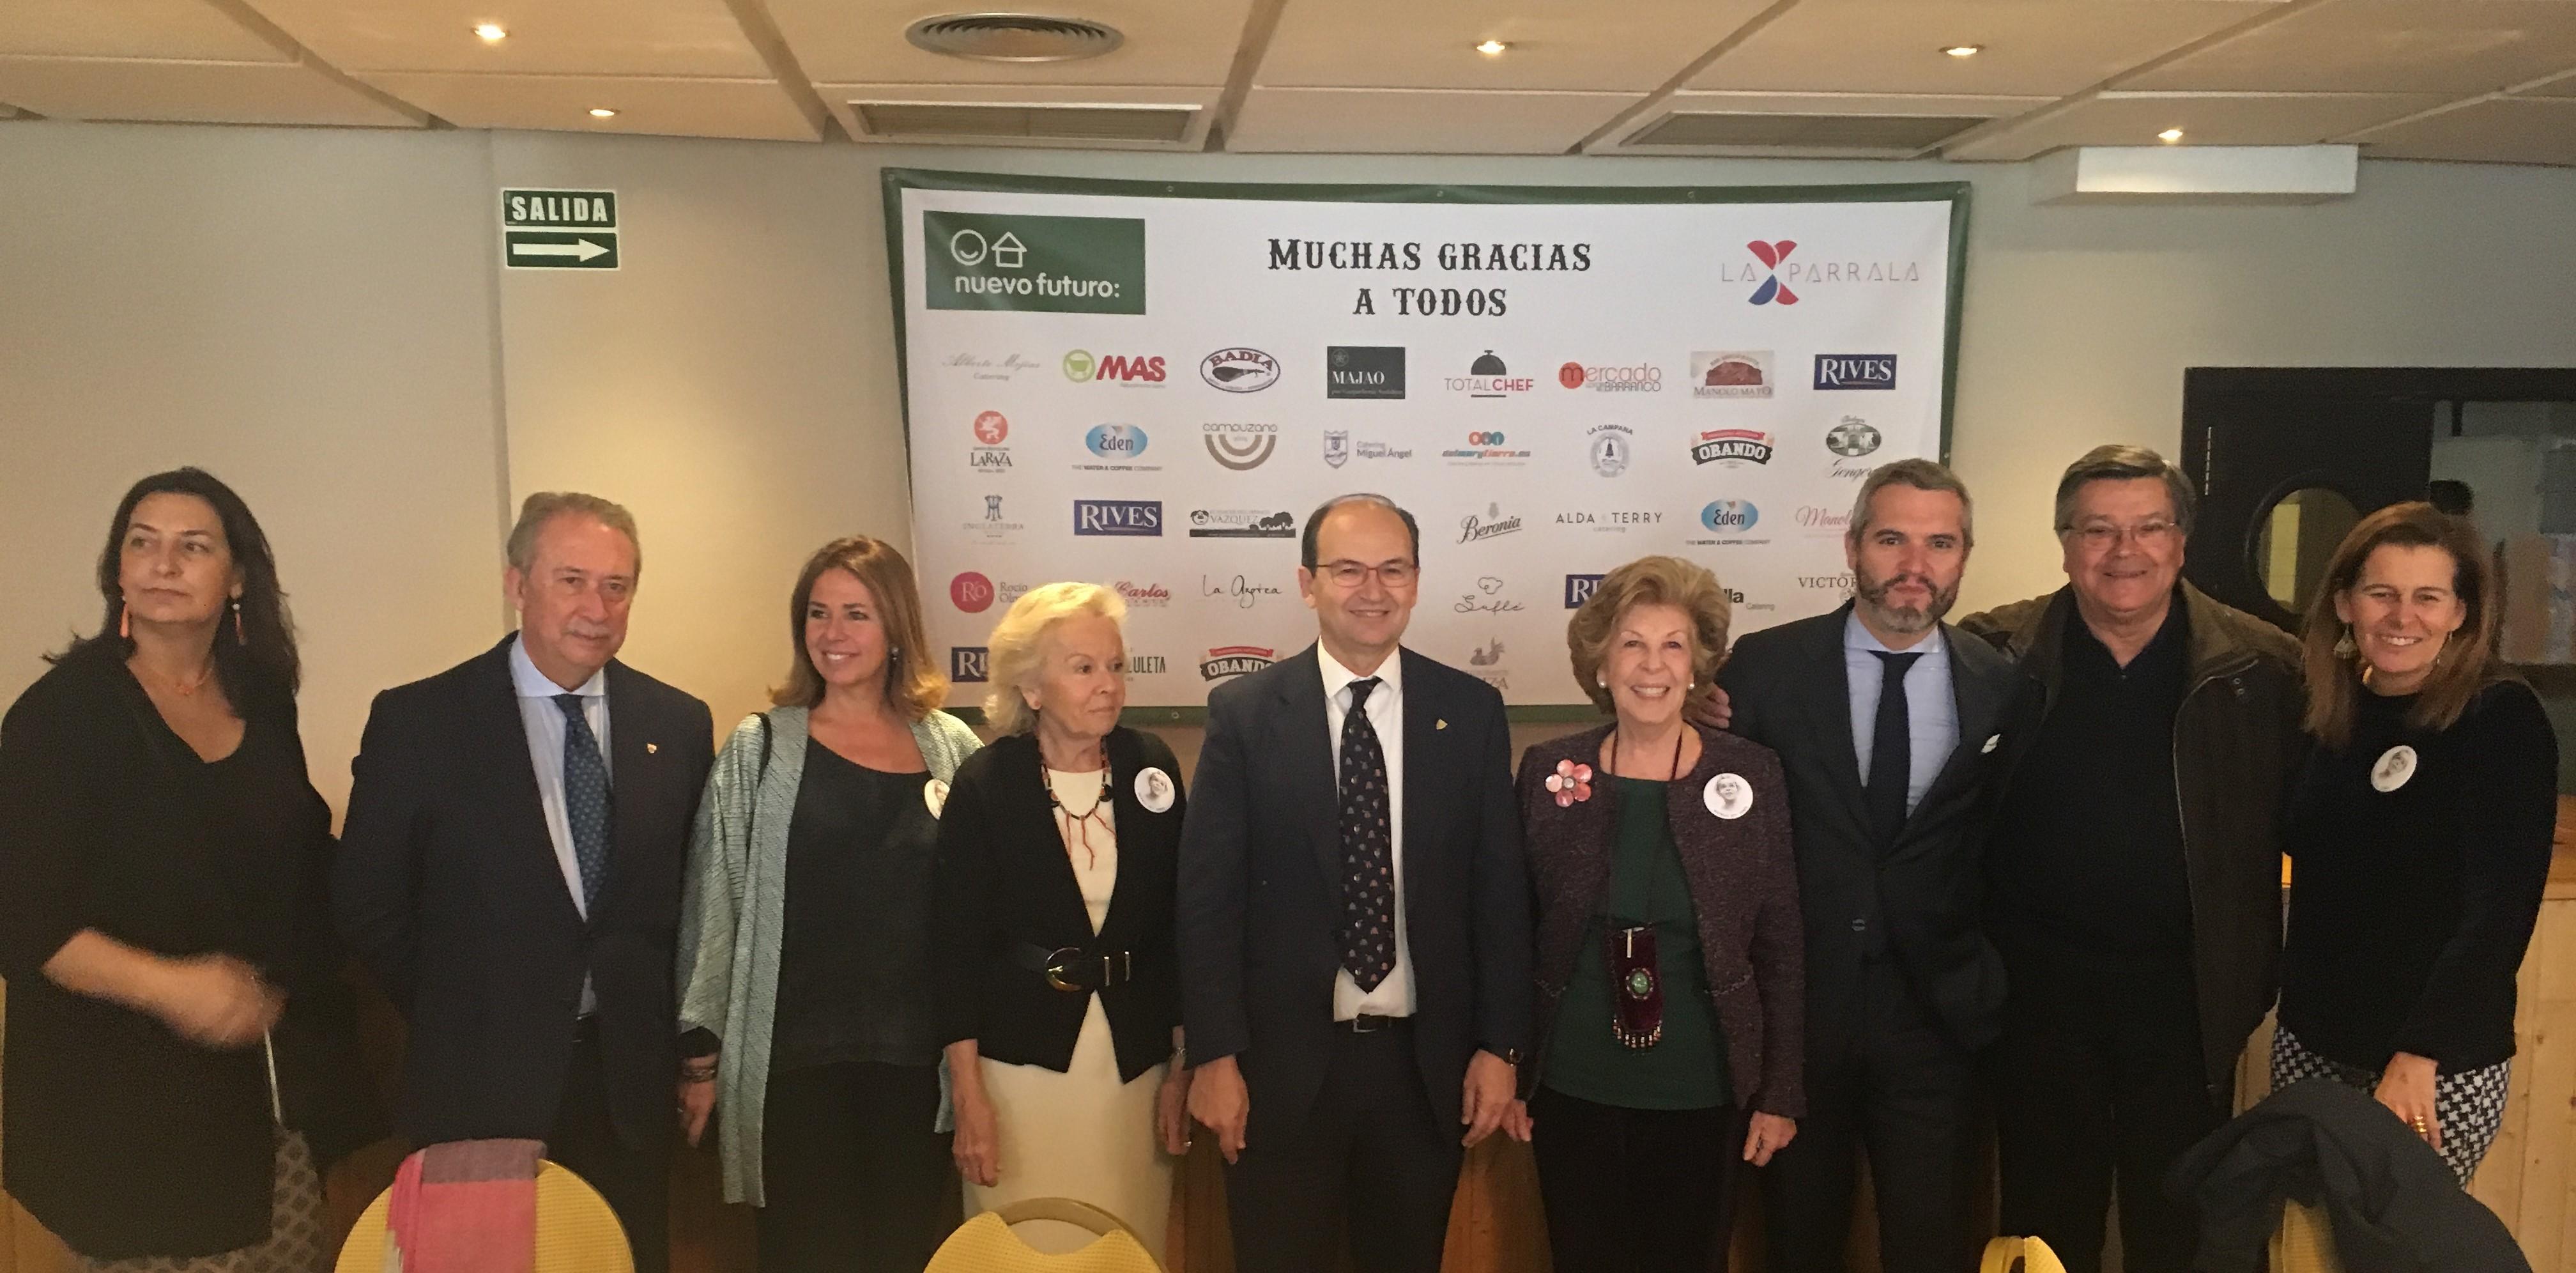 Visita de la Fundación del Sevilla FC al rastrillo de Nuevo Futuro